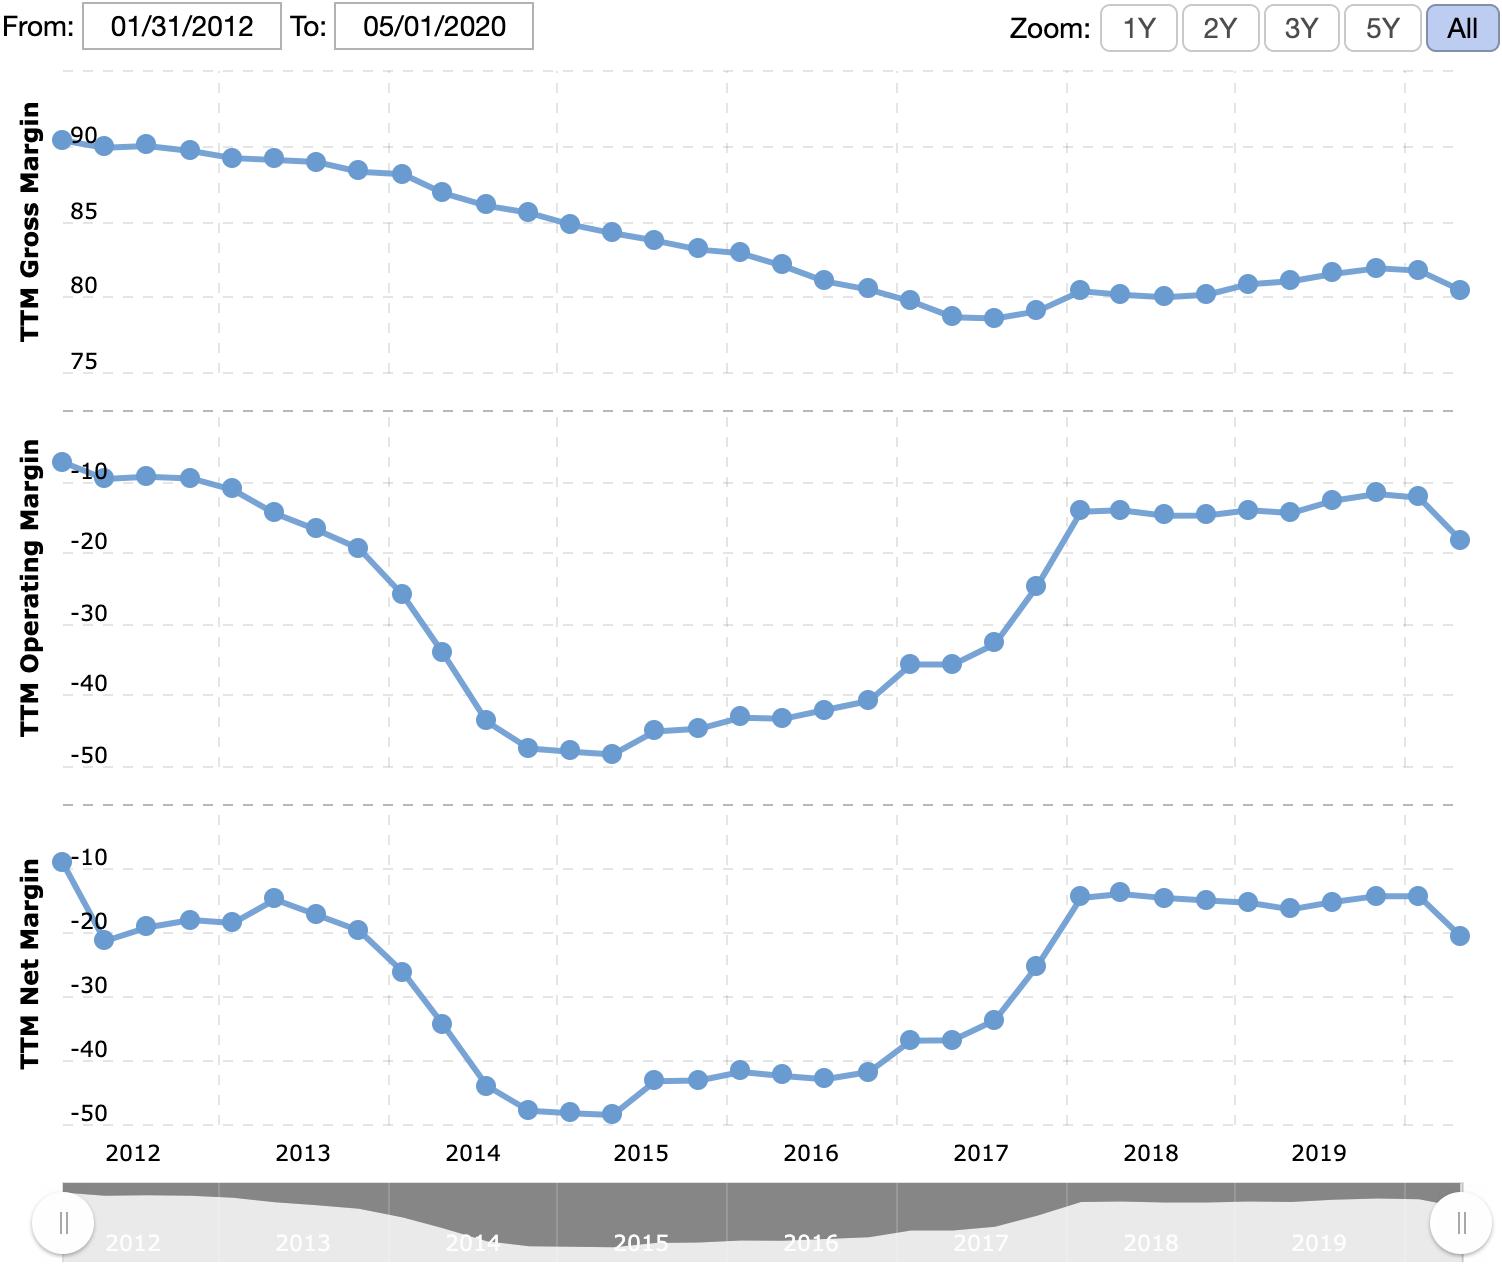 Валовая маржа, операционная маржа и итоговая маржа в процентах от выручки. Источник: Macrotrends